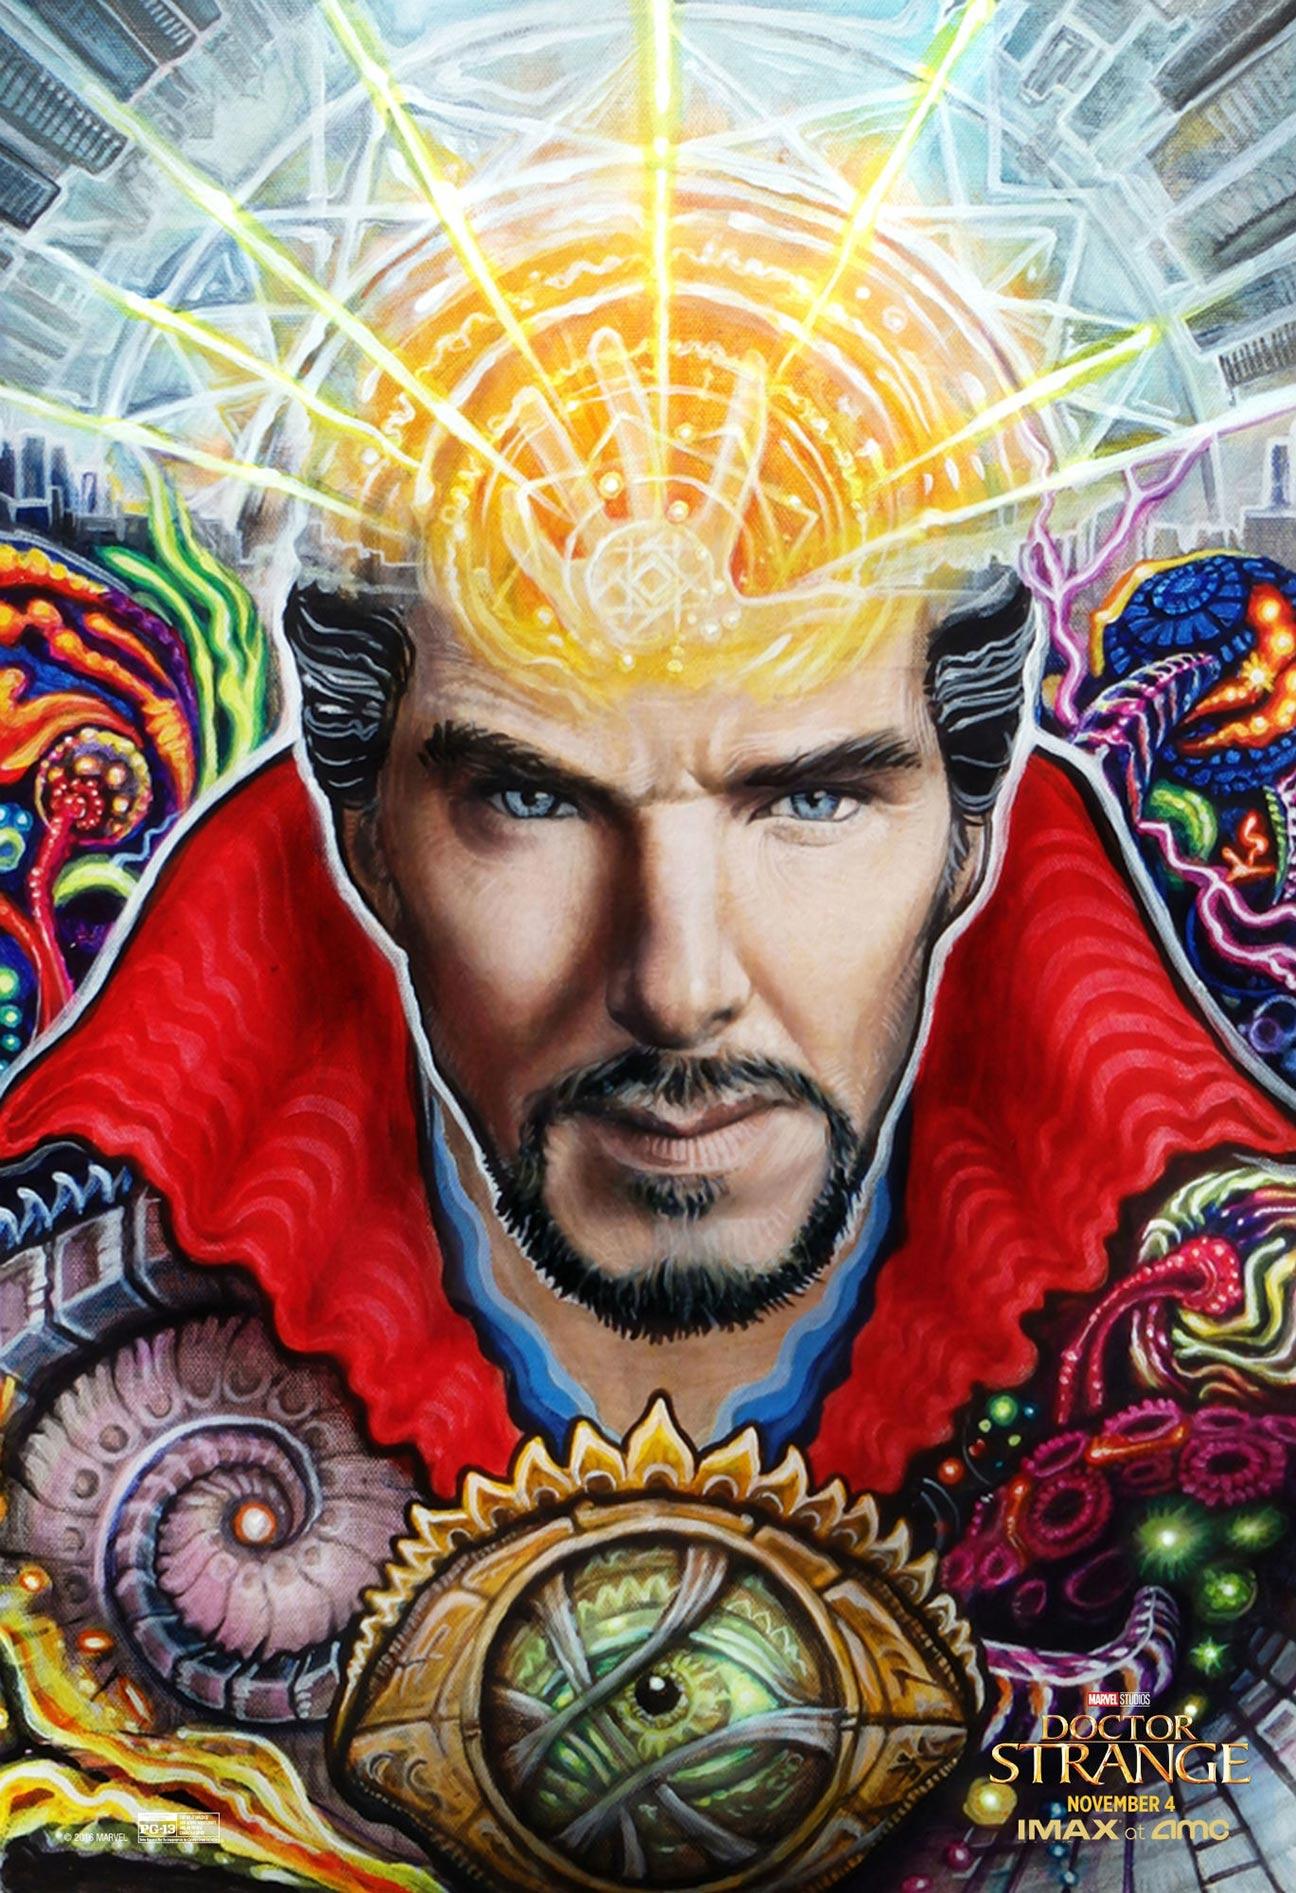 Doctor Strange Poster #18